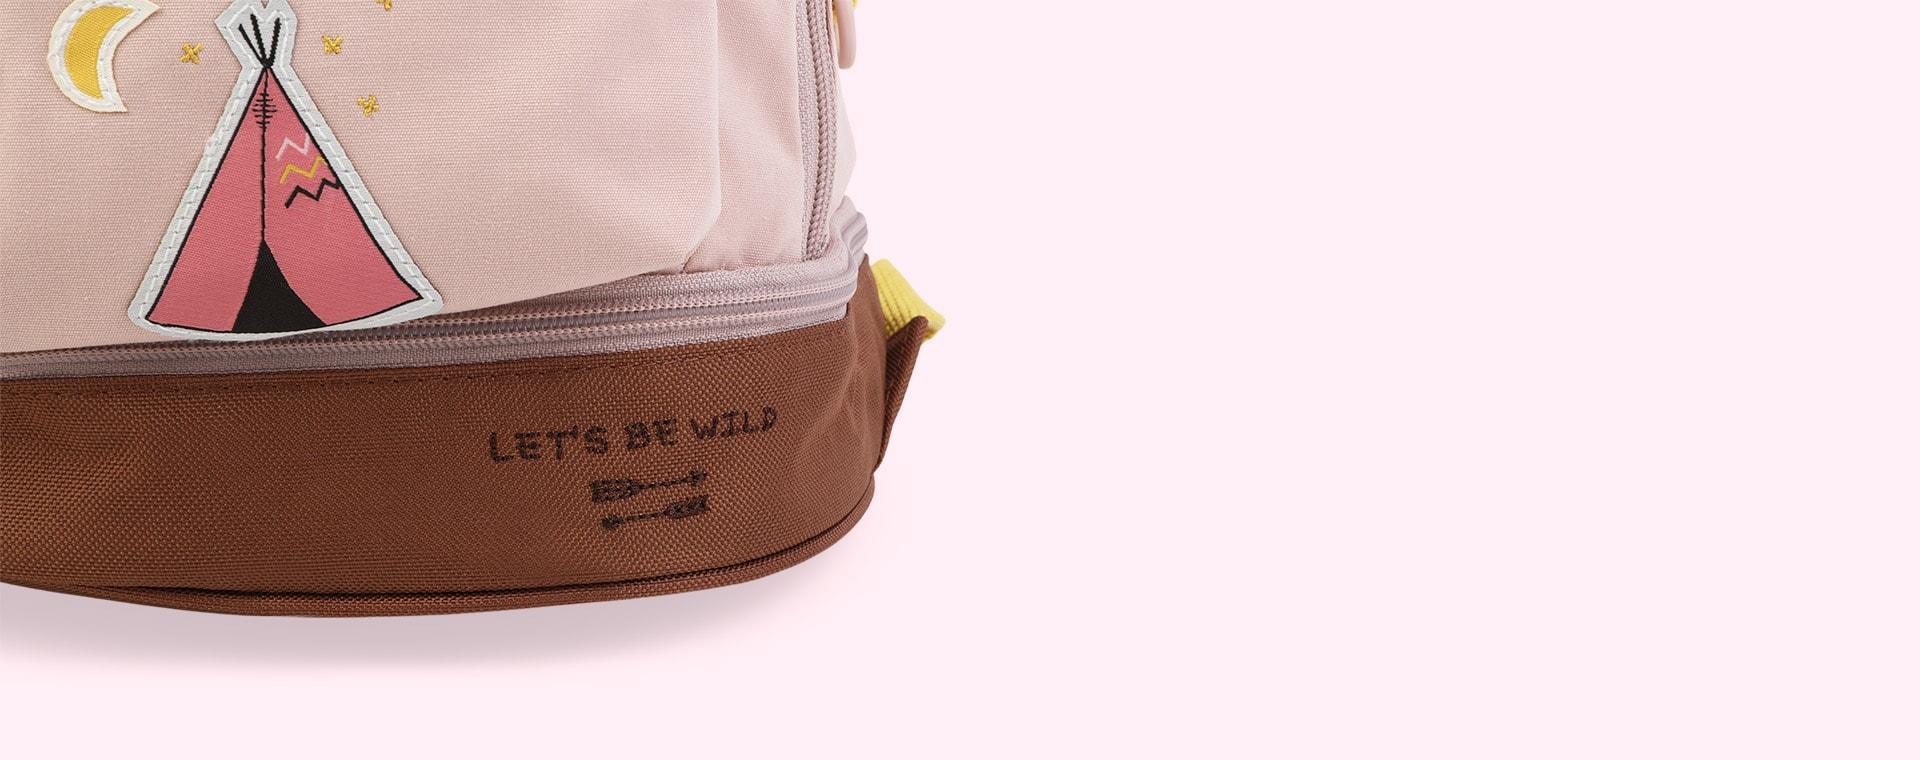 Adventure Tipi Lassig Backpack